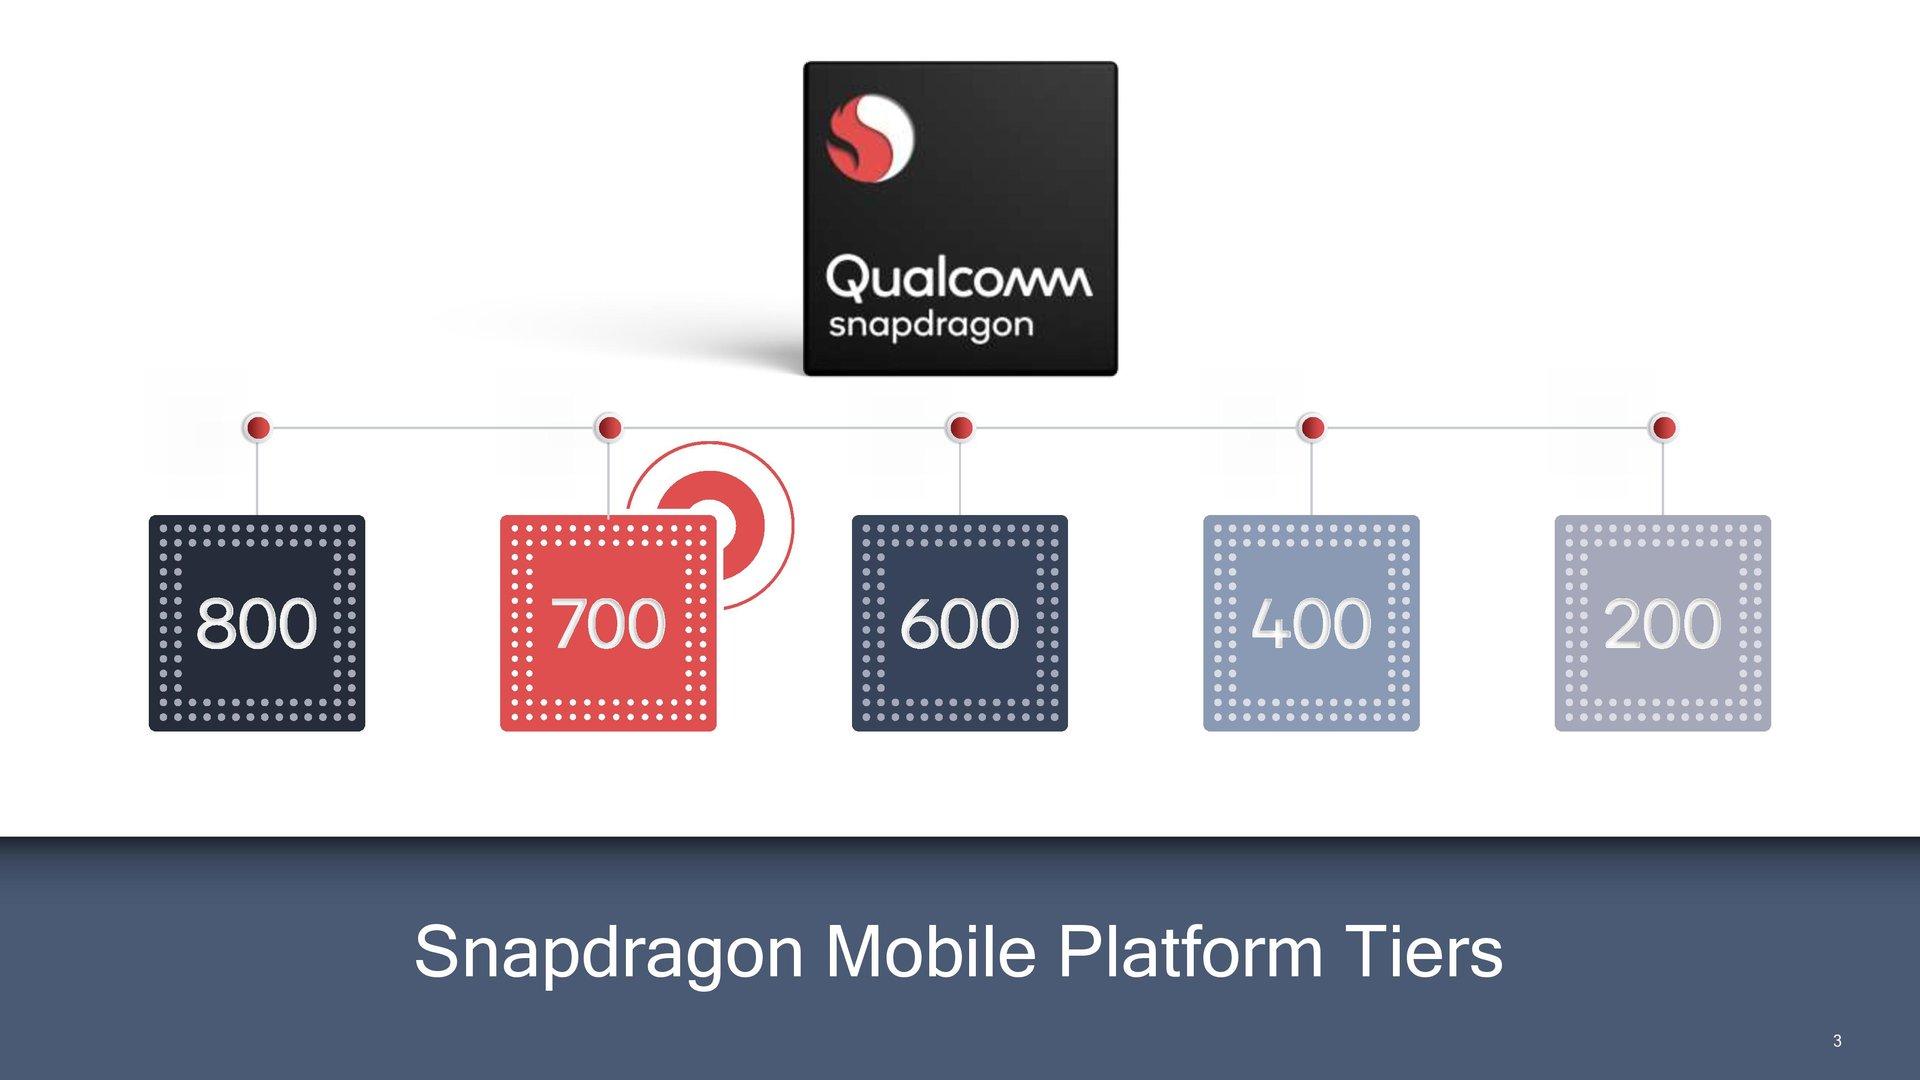 Snapdragon 700 positioniert sich zwischen 800 und 600